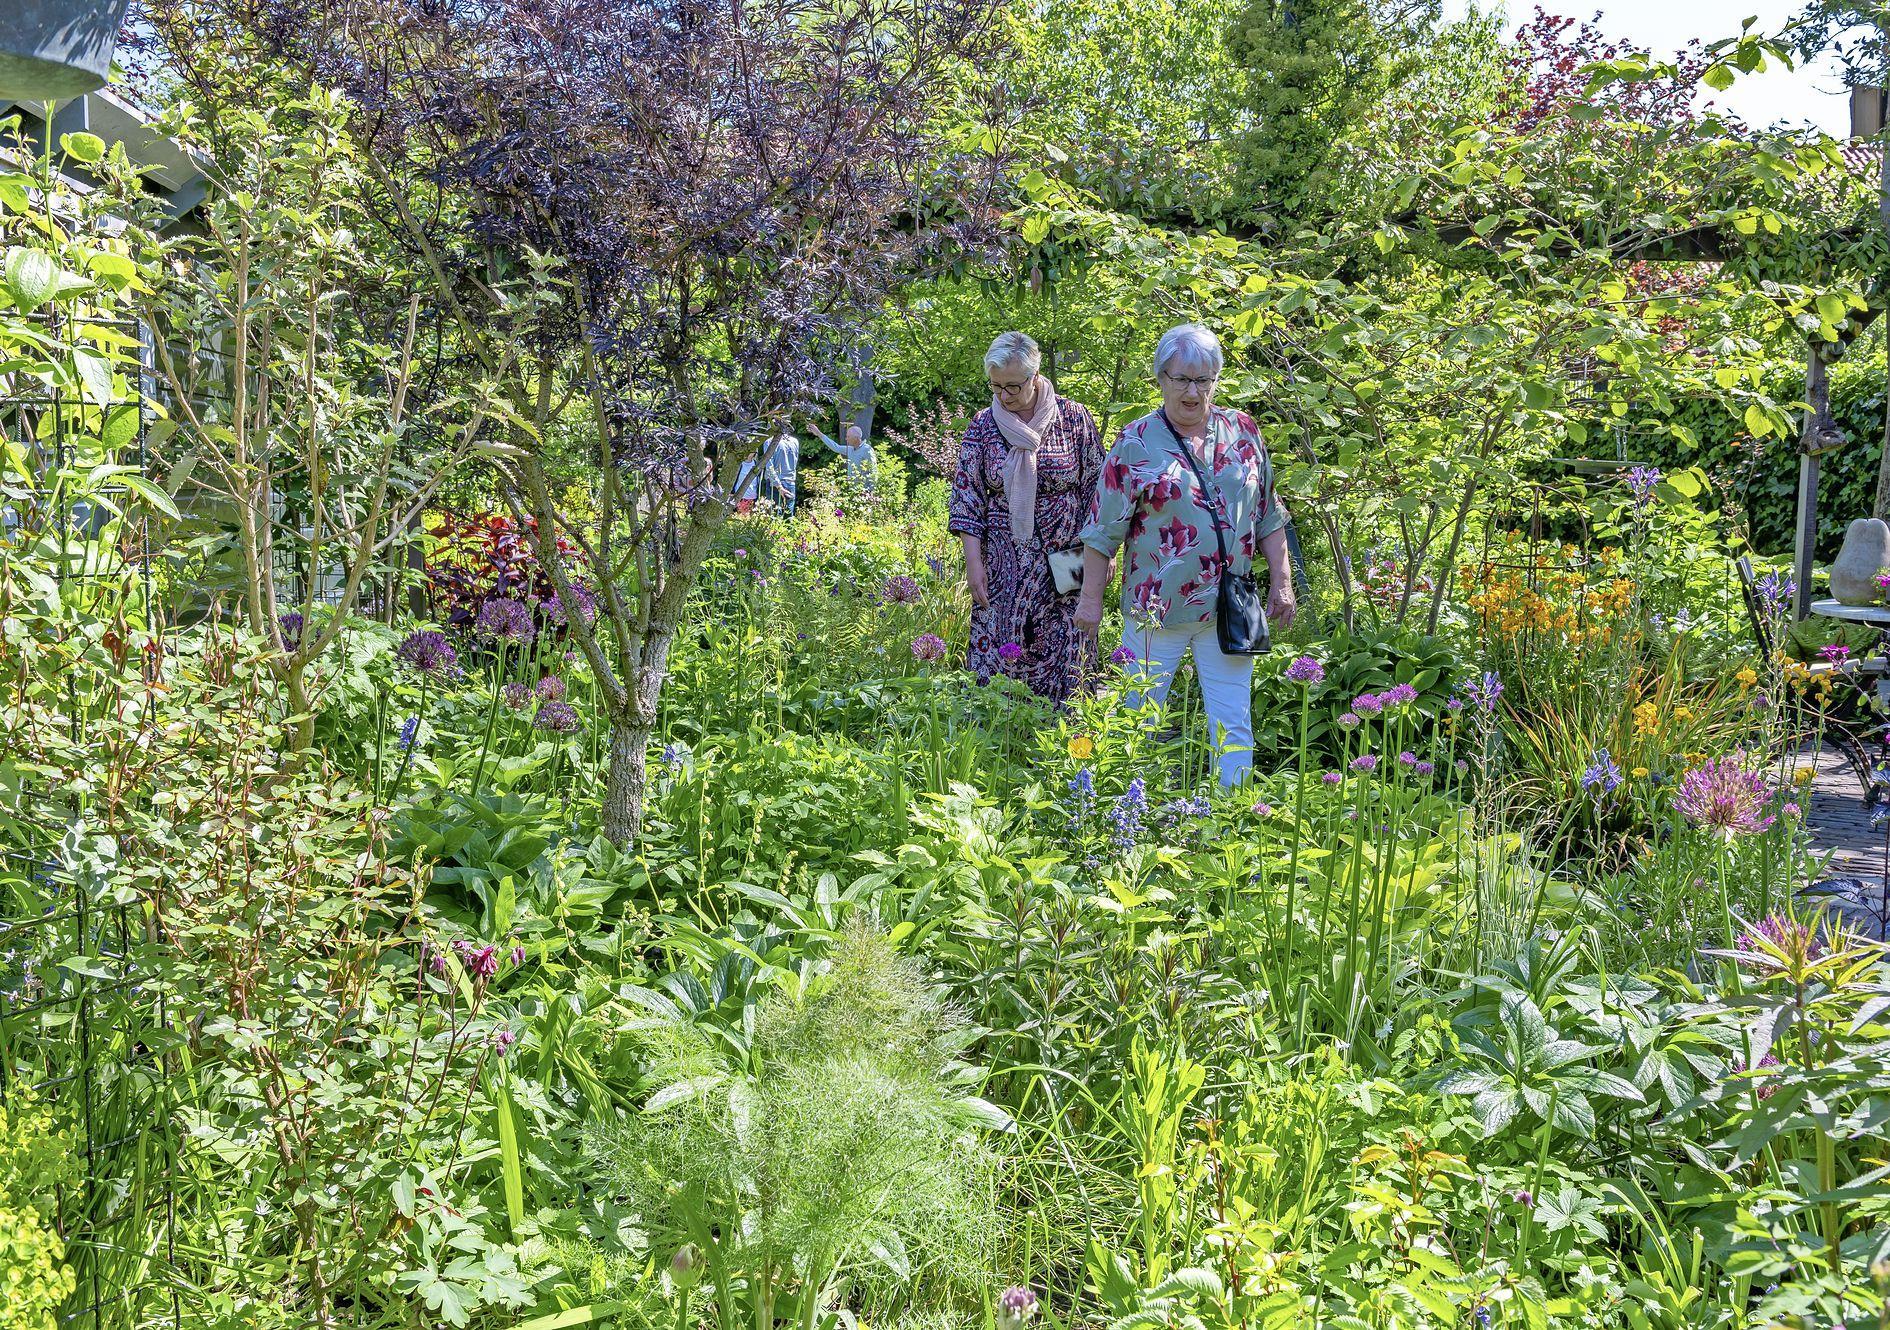 Eindelijk mooi weer, tijd voor een tuinroute door Waterland: 'Ik mag alleen de haag doen, de rest doet mijn vrouw'